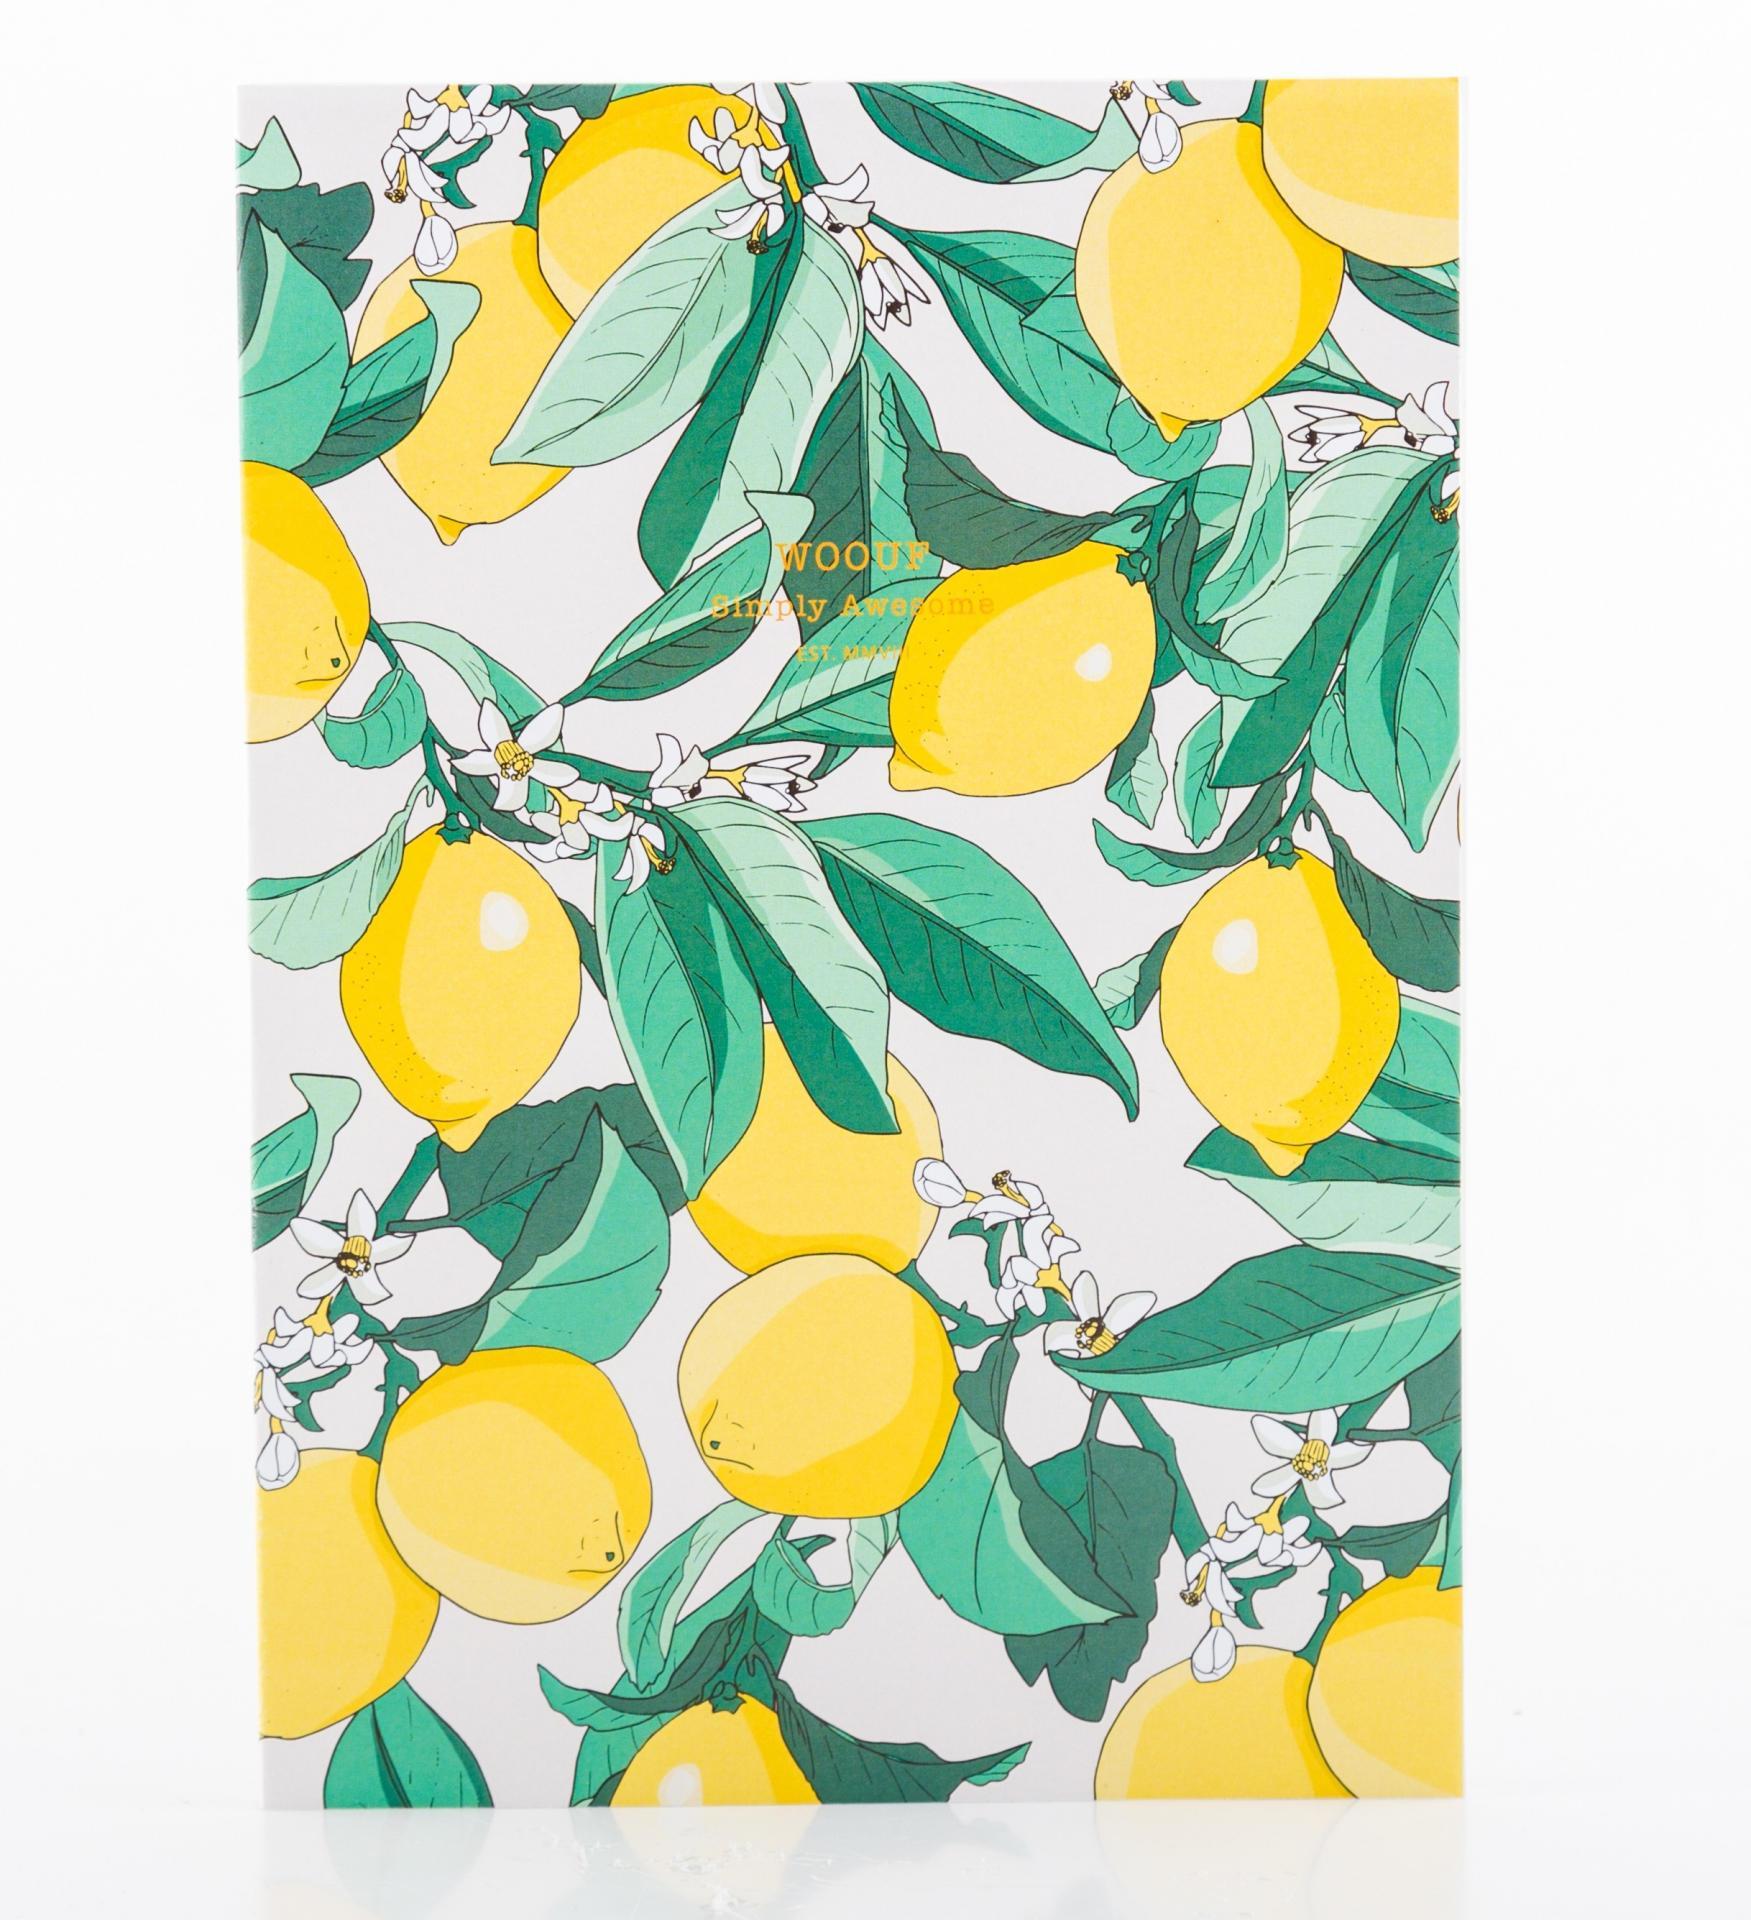 Woouf! Notes Lemon A5, zelená barva, žlutá barva, papír